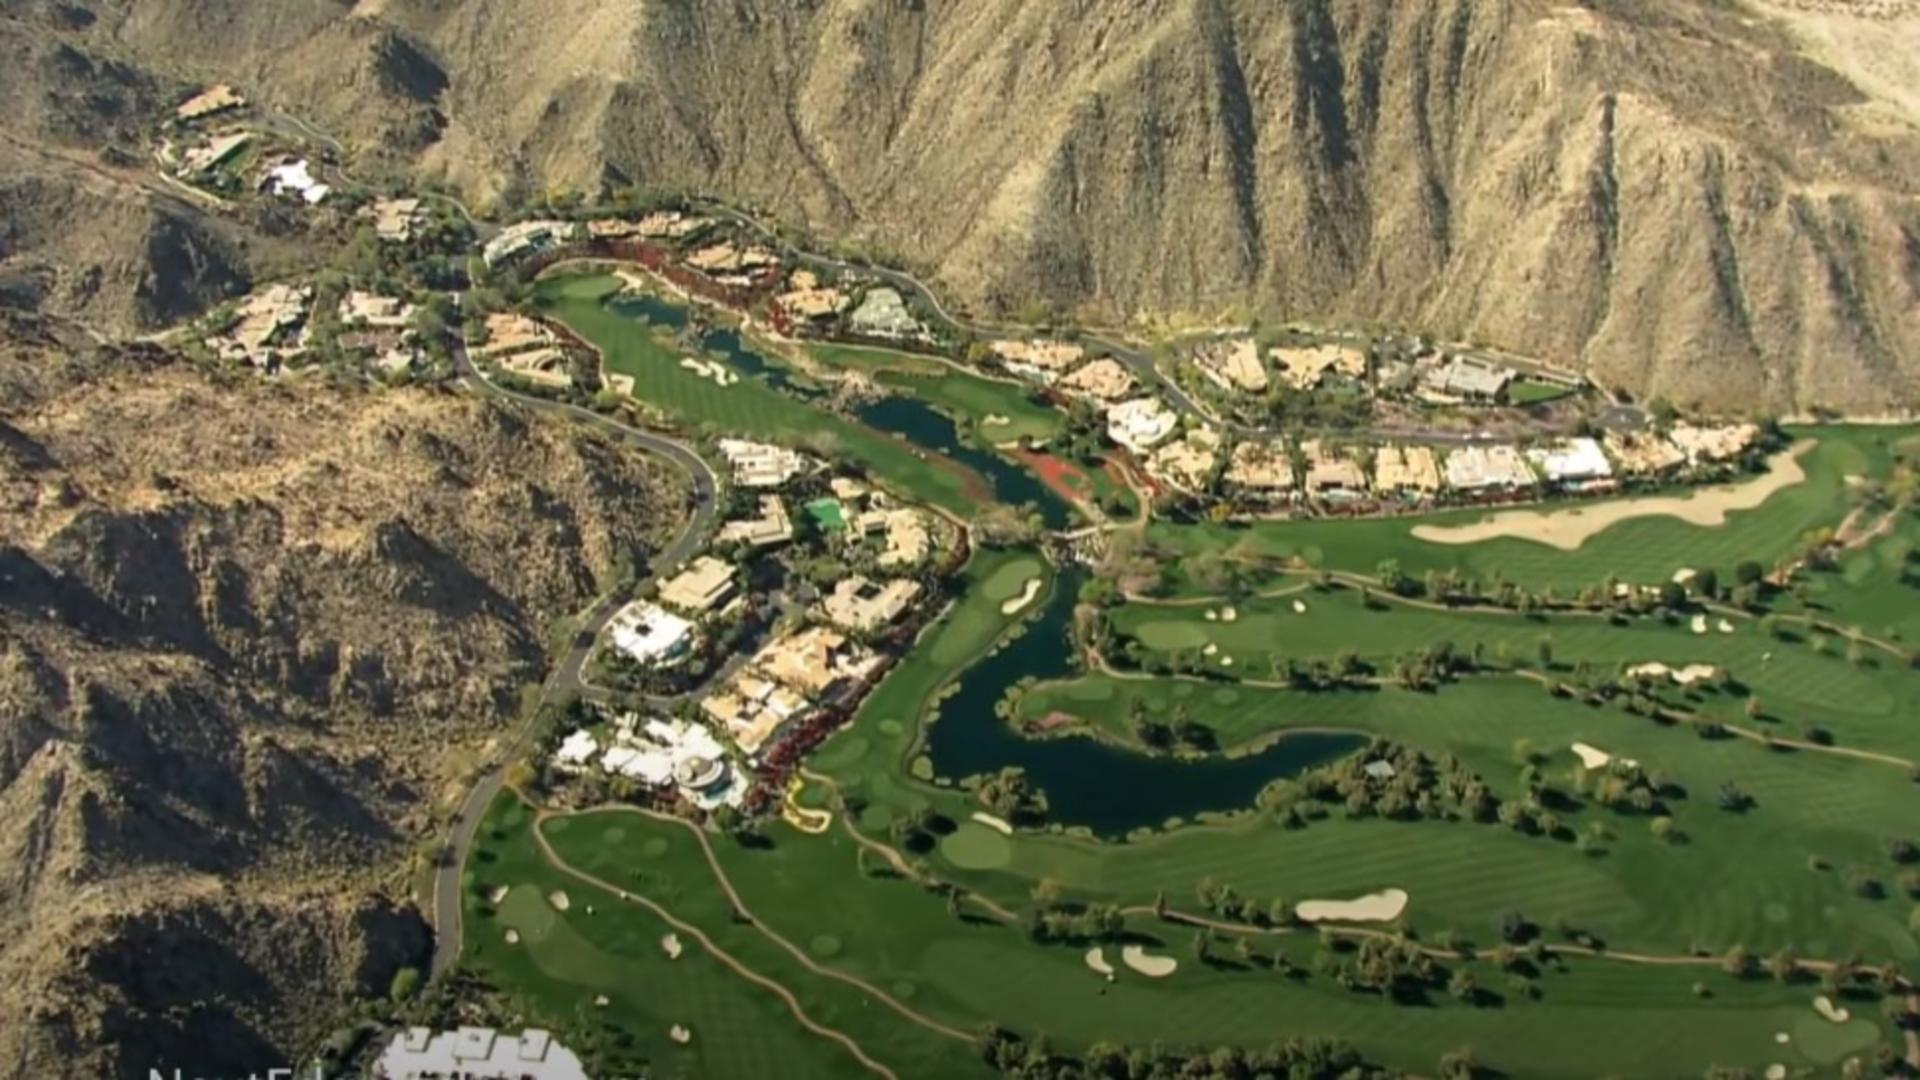 Complexul rezidențial de lux unde Bill Gates are o vilă de aproape 13 milioane de dolari. Foto/Captură video.